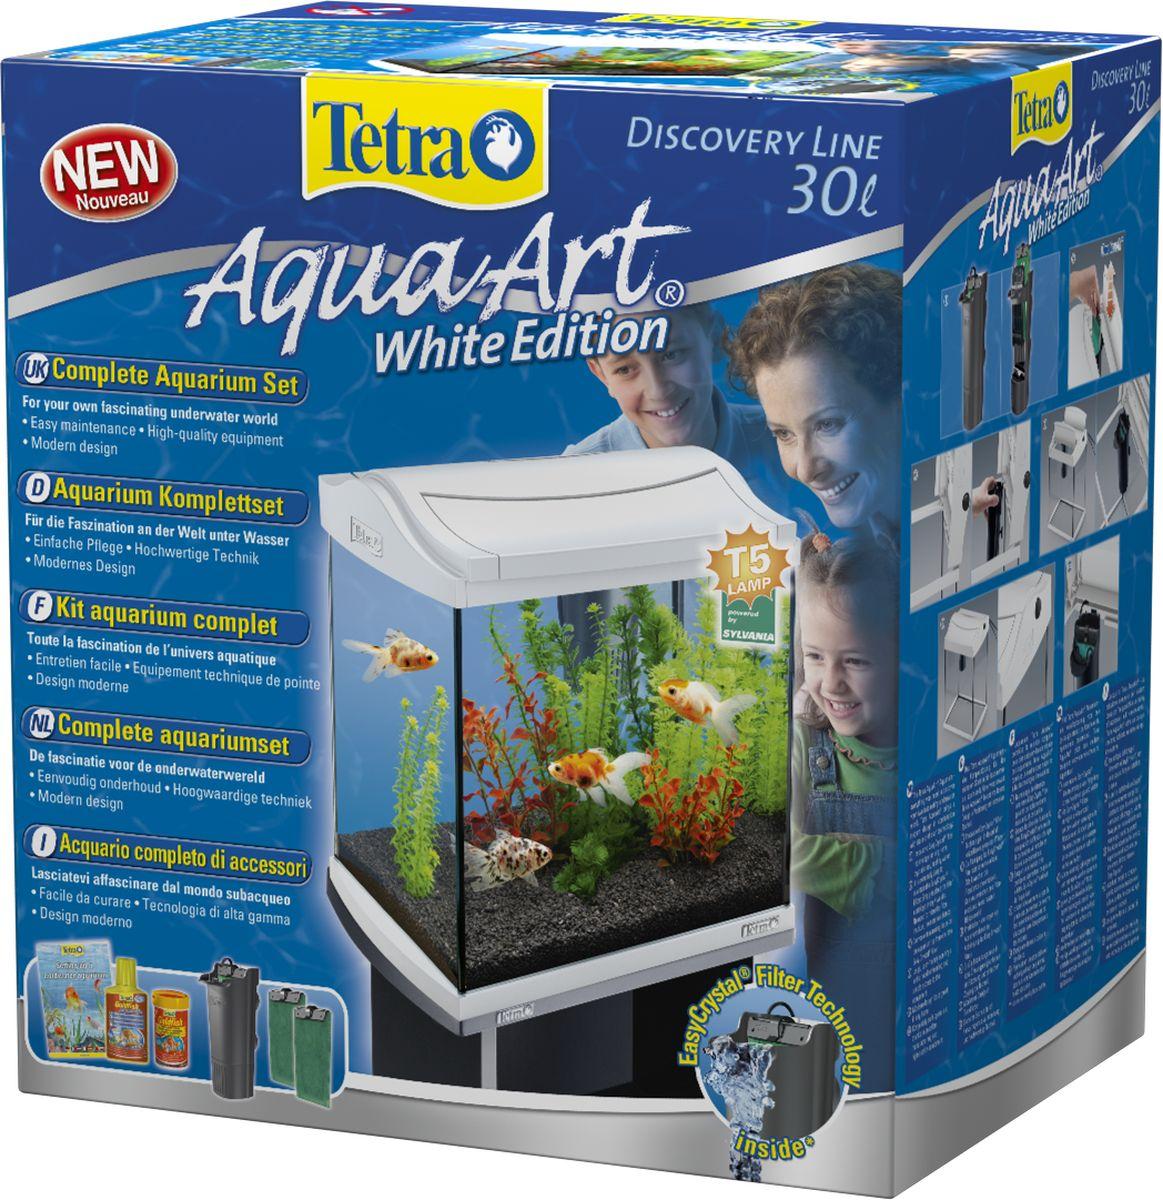 Аквариумный комплекс Tetra AquaArt, цвет: белый, 30 л211940Аквариумный комплекс Tetra AquaArt с LED освещением предназначен для содержания ракообразных и креветок. Высококачественный стильный дизайн аквариума модном цветовом решении, современное оборудование. Стабильная крышка с люминисцентной Т5 лампой продолжительного использования 8Вт для превосходного освещения и яркости. Прочное 4мм флоат-стекло, свободное от искажений и с обработанными краями. Большое удобное отверстие облегчает процесс кормления и предусматривает легкий доступ к оборудованию. Инновационный фильтр Tetra EasyCrystal c двумя запасными фильтровочными губками для кристально прозрачной, здоровой воды. Удобные держатели на рамке аквариума позволяют легко закрепить фильтр. Фильтр очень легко чистить; нужно лишь заменять картридж каждые 4 недели. Нет необходимости промывать фильтрующую губку, а значит, ваши руки останутся сухими! TetraWafer Mix (3 г) - cмесь основного корма для...